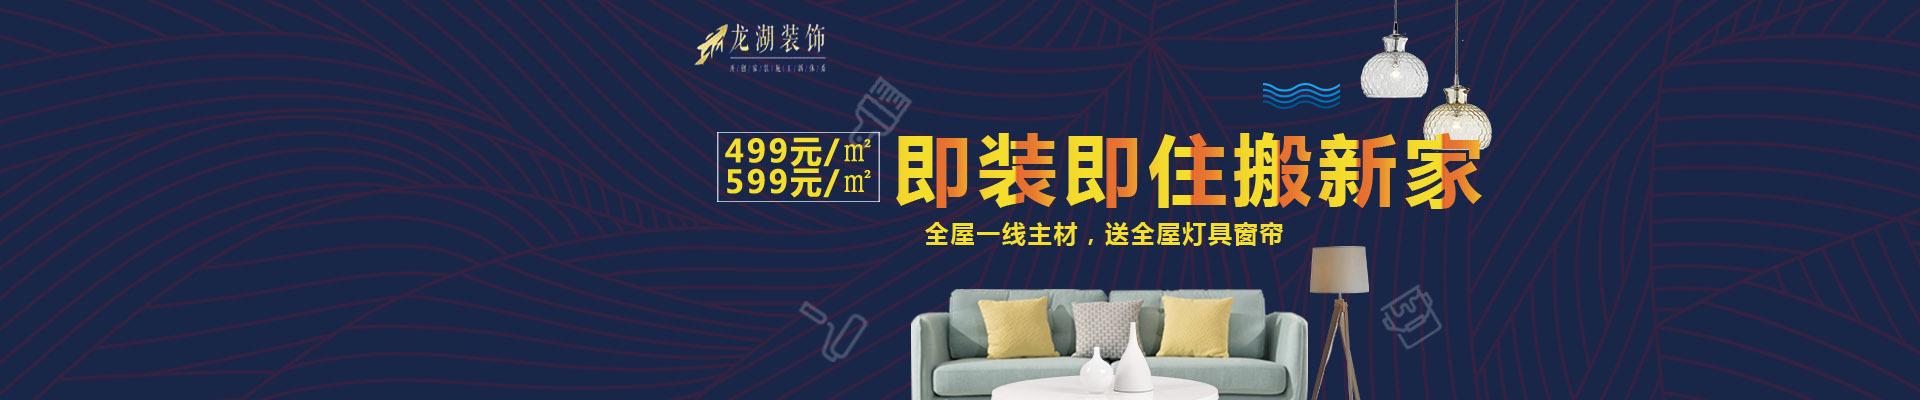 晋中市龙湖建筑装饰工程有限公司